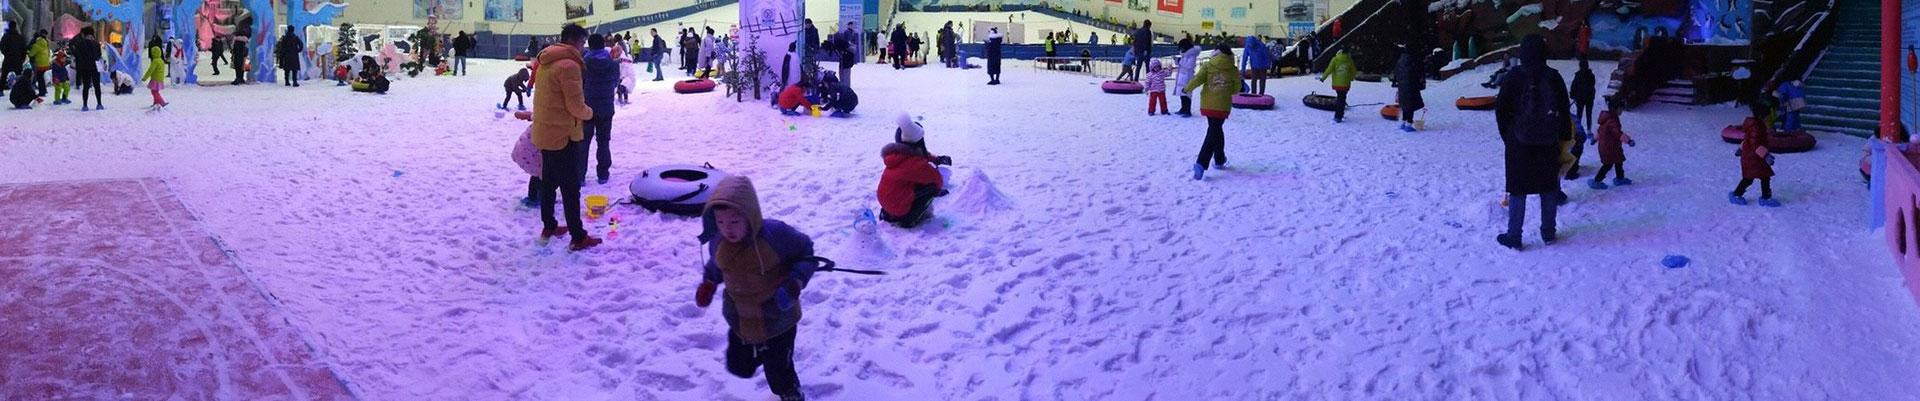 滑雪场建设